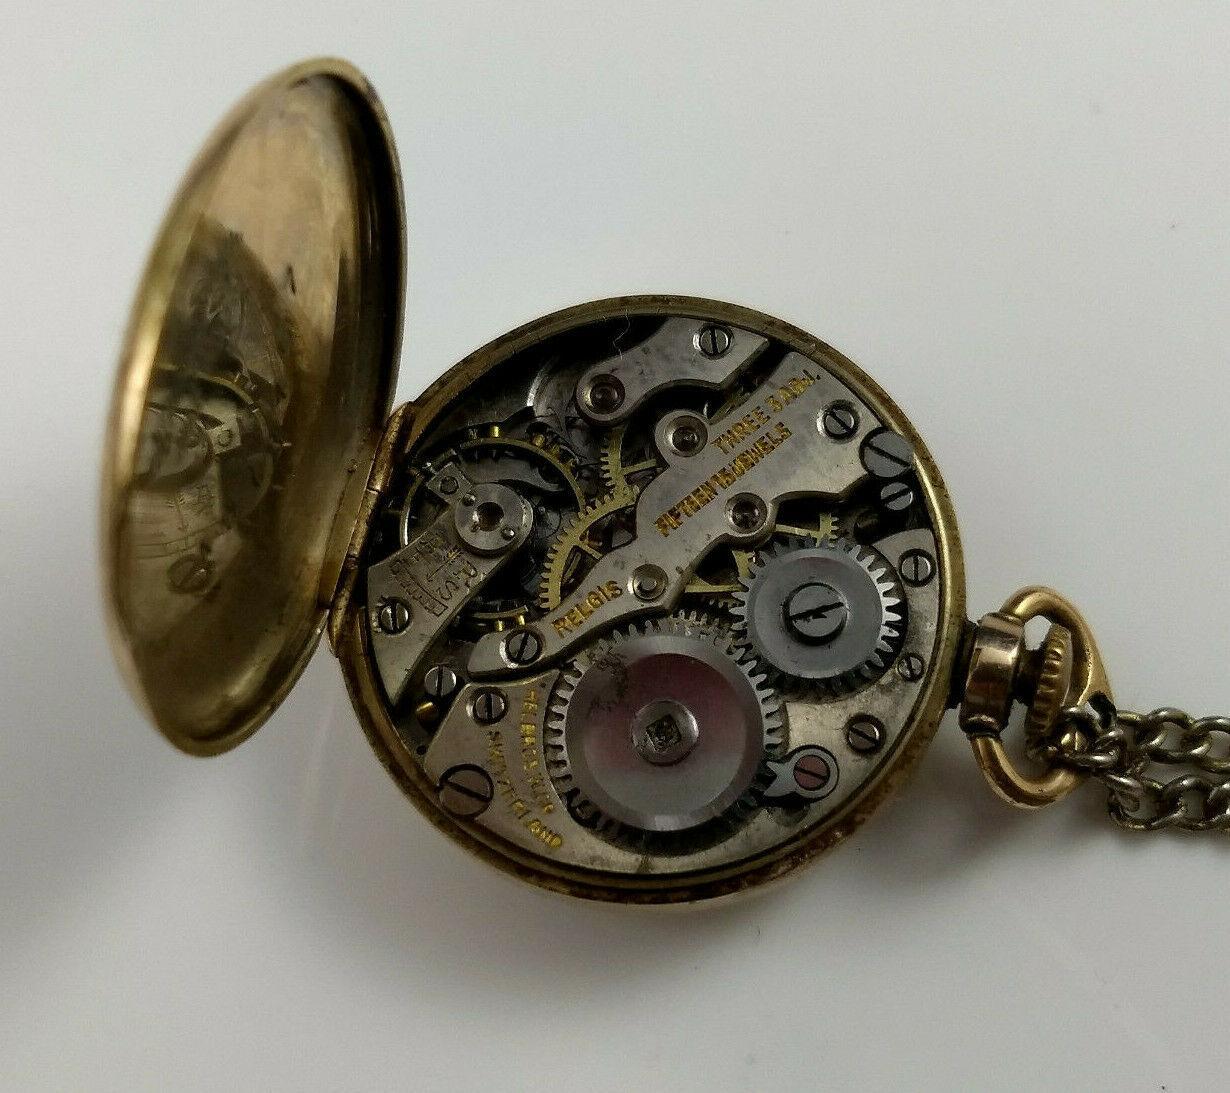 vtg WADSWORTH RELGIS HELBROS W & CO 15j 10k GOLD FILLED POCKET WATCH Swiss rare image 11